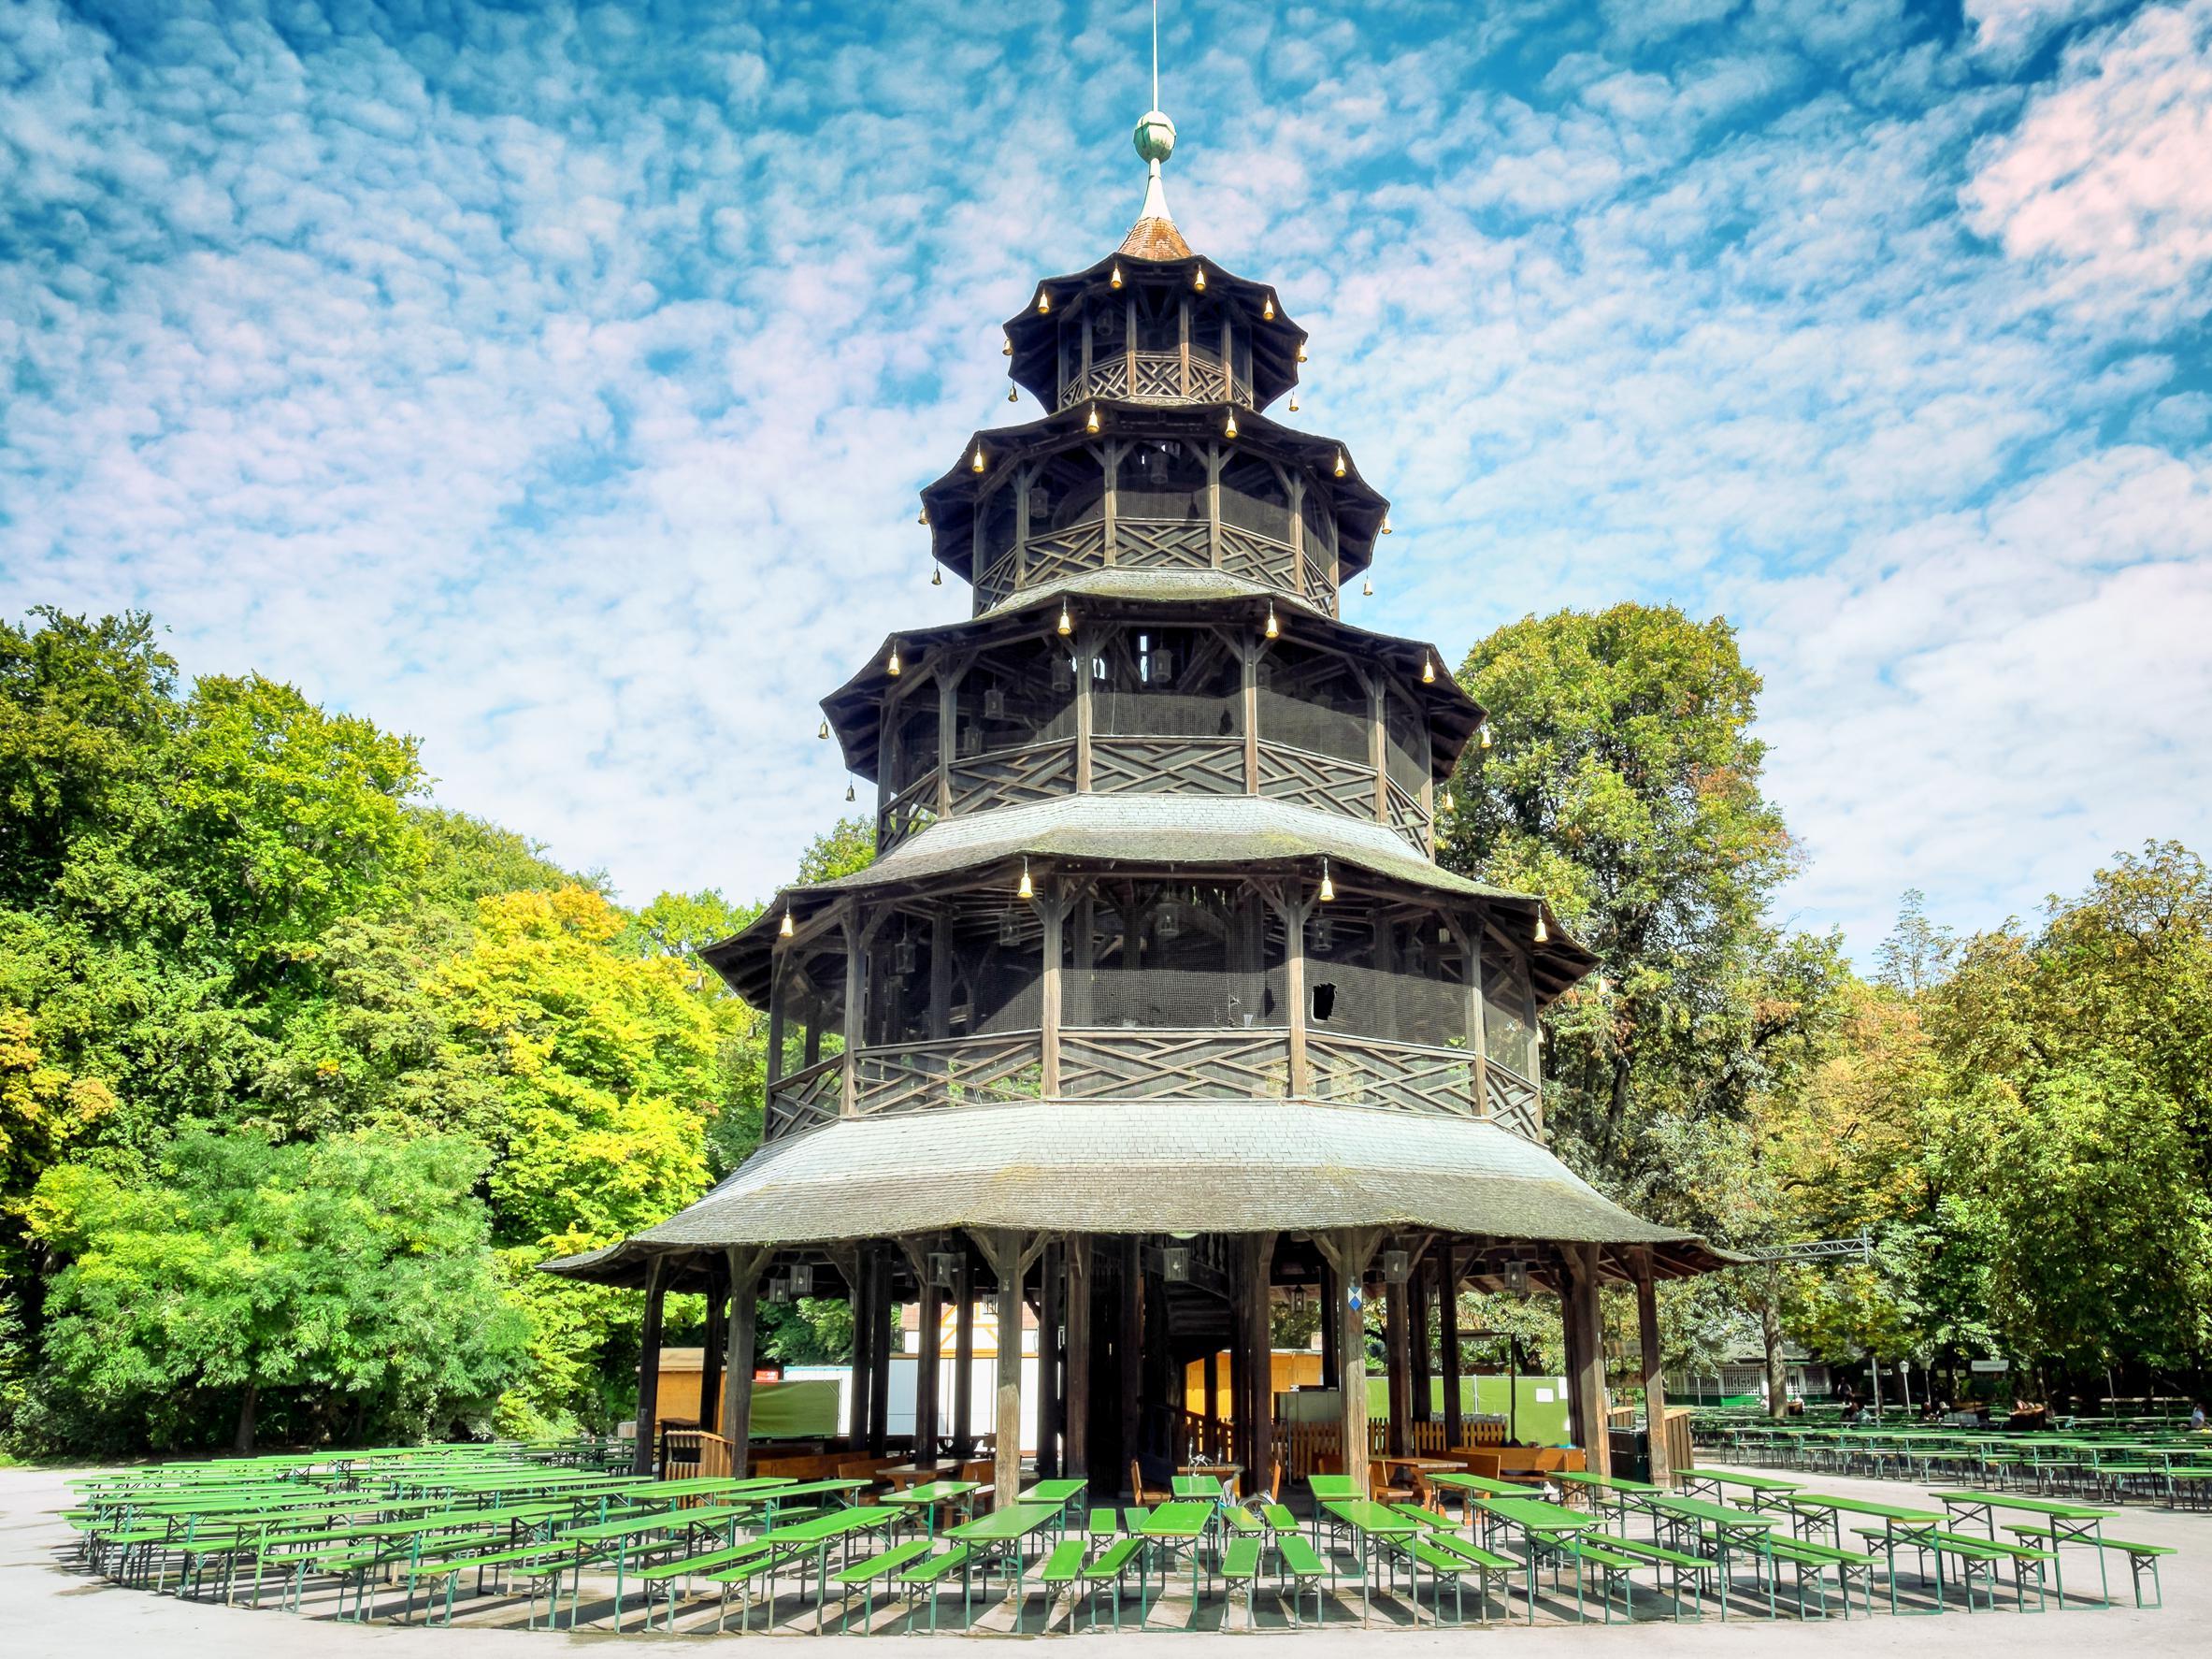 Englischer Garten Travel Guidebook Must Visit Attractions In Englischer Garten Nearby Recommendation Trip Com